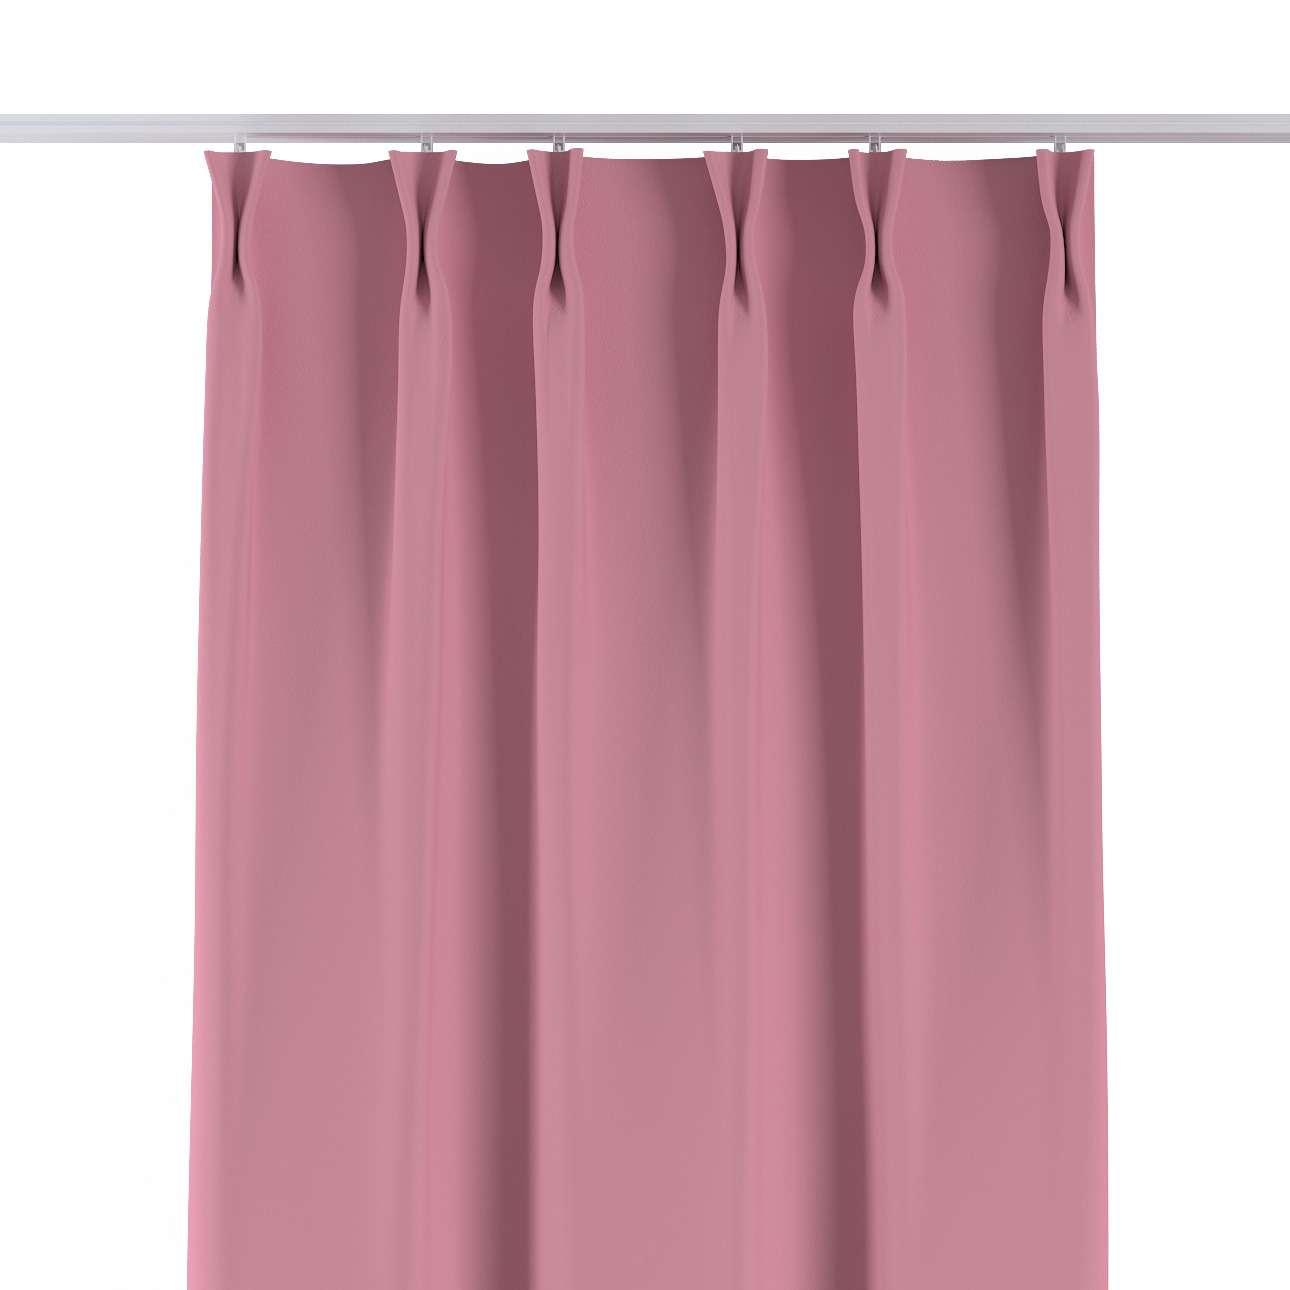 Vorhang mit flämischen Falten von der Kollektion Blackout (verdunkelnd), Stoff: 269-92